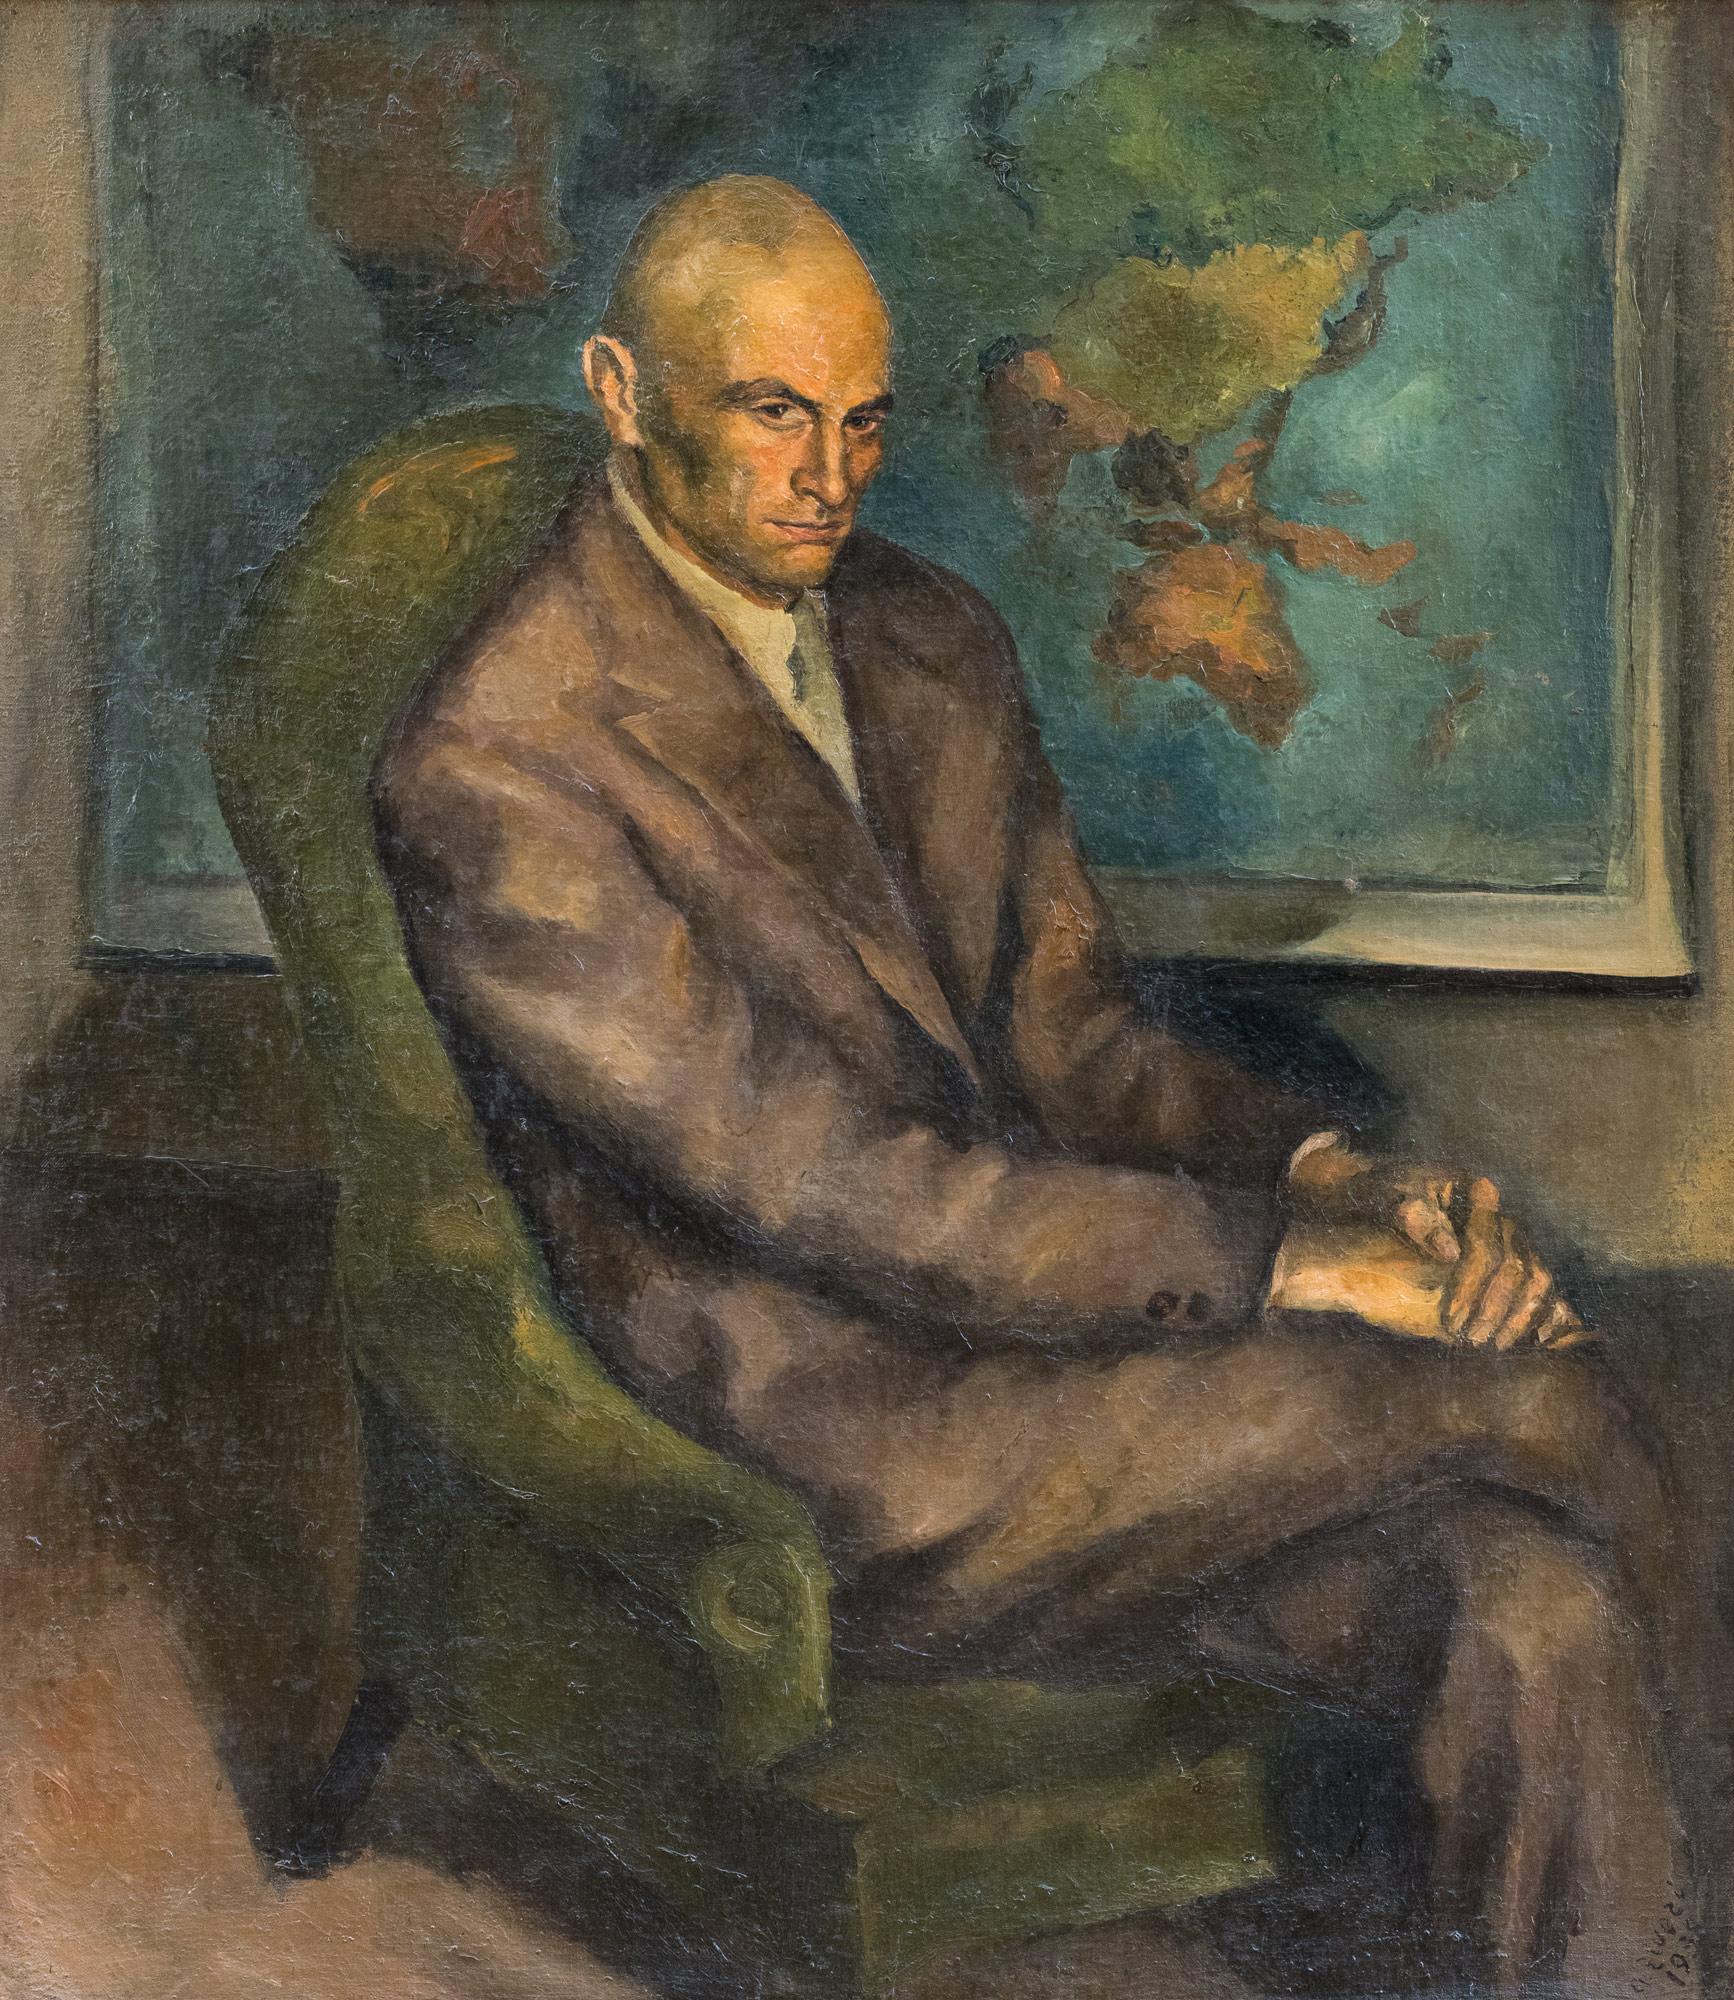 Ritratto di GrandJacquet, 1938